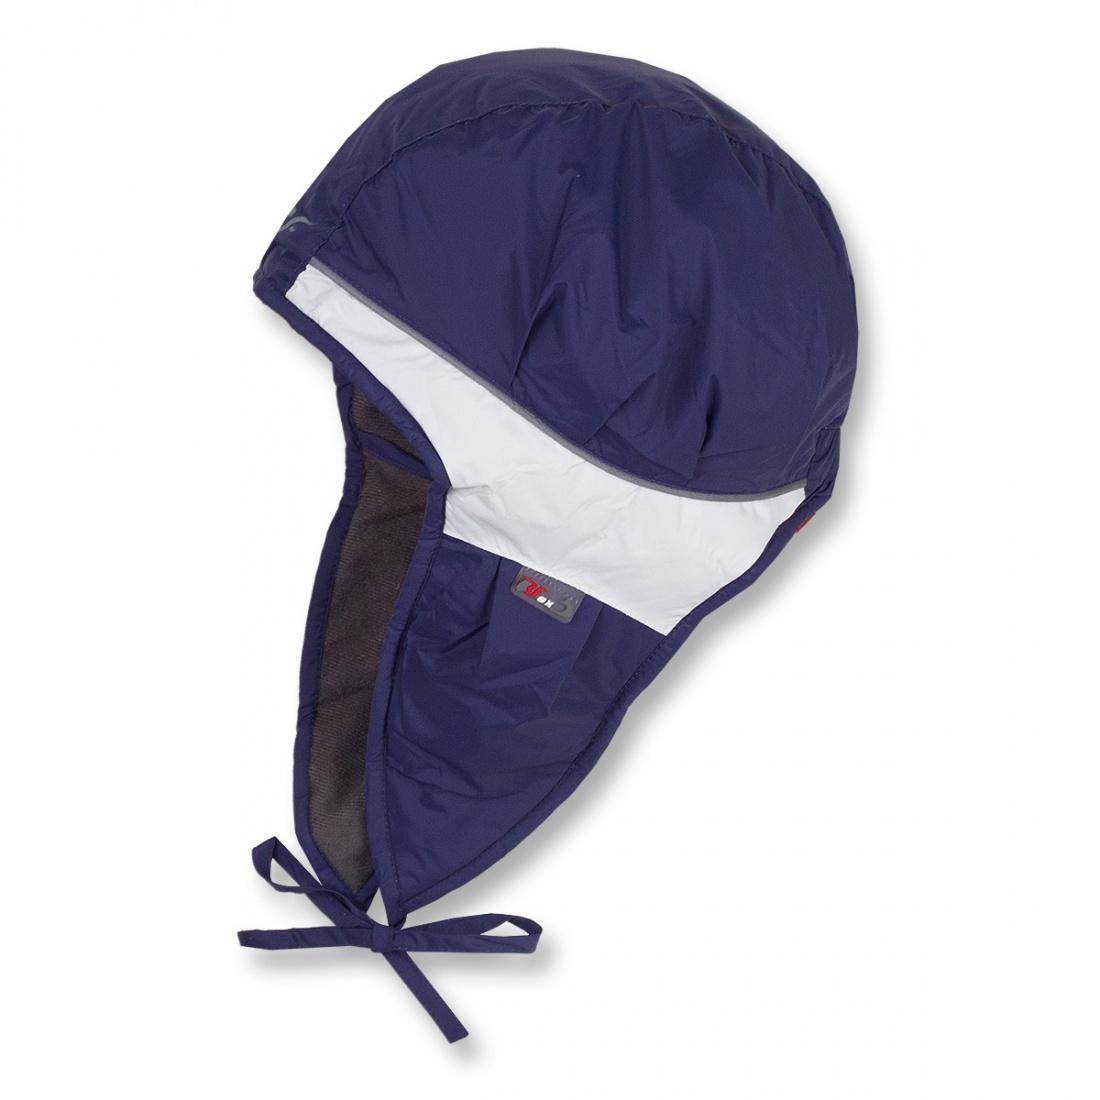 Шапка детская TressУшанки<br><br> Яркая контрастная шапочка прекрасно выделяет ребенка из толпы.<br><br> <br><br><br><br> Основной материал – Dry Factor 1000.<br><br> <br><br><br> Утеплитель – Omniterm Classic.<br><br> <br><br><br> Для детей от 1 до...<br><br>Цвет: Темно-синий<br>Размер: XXL